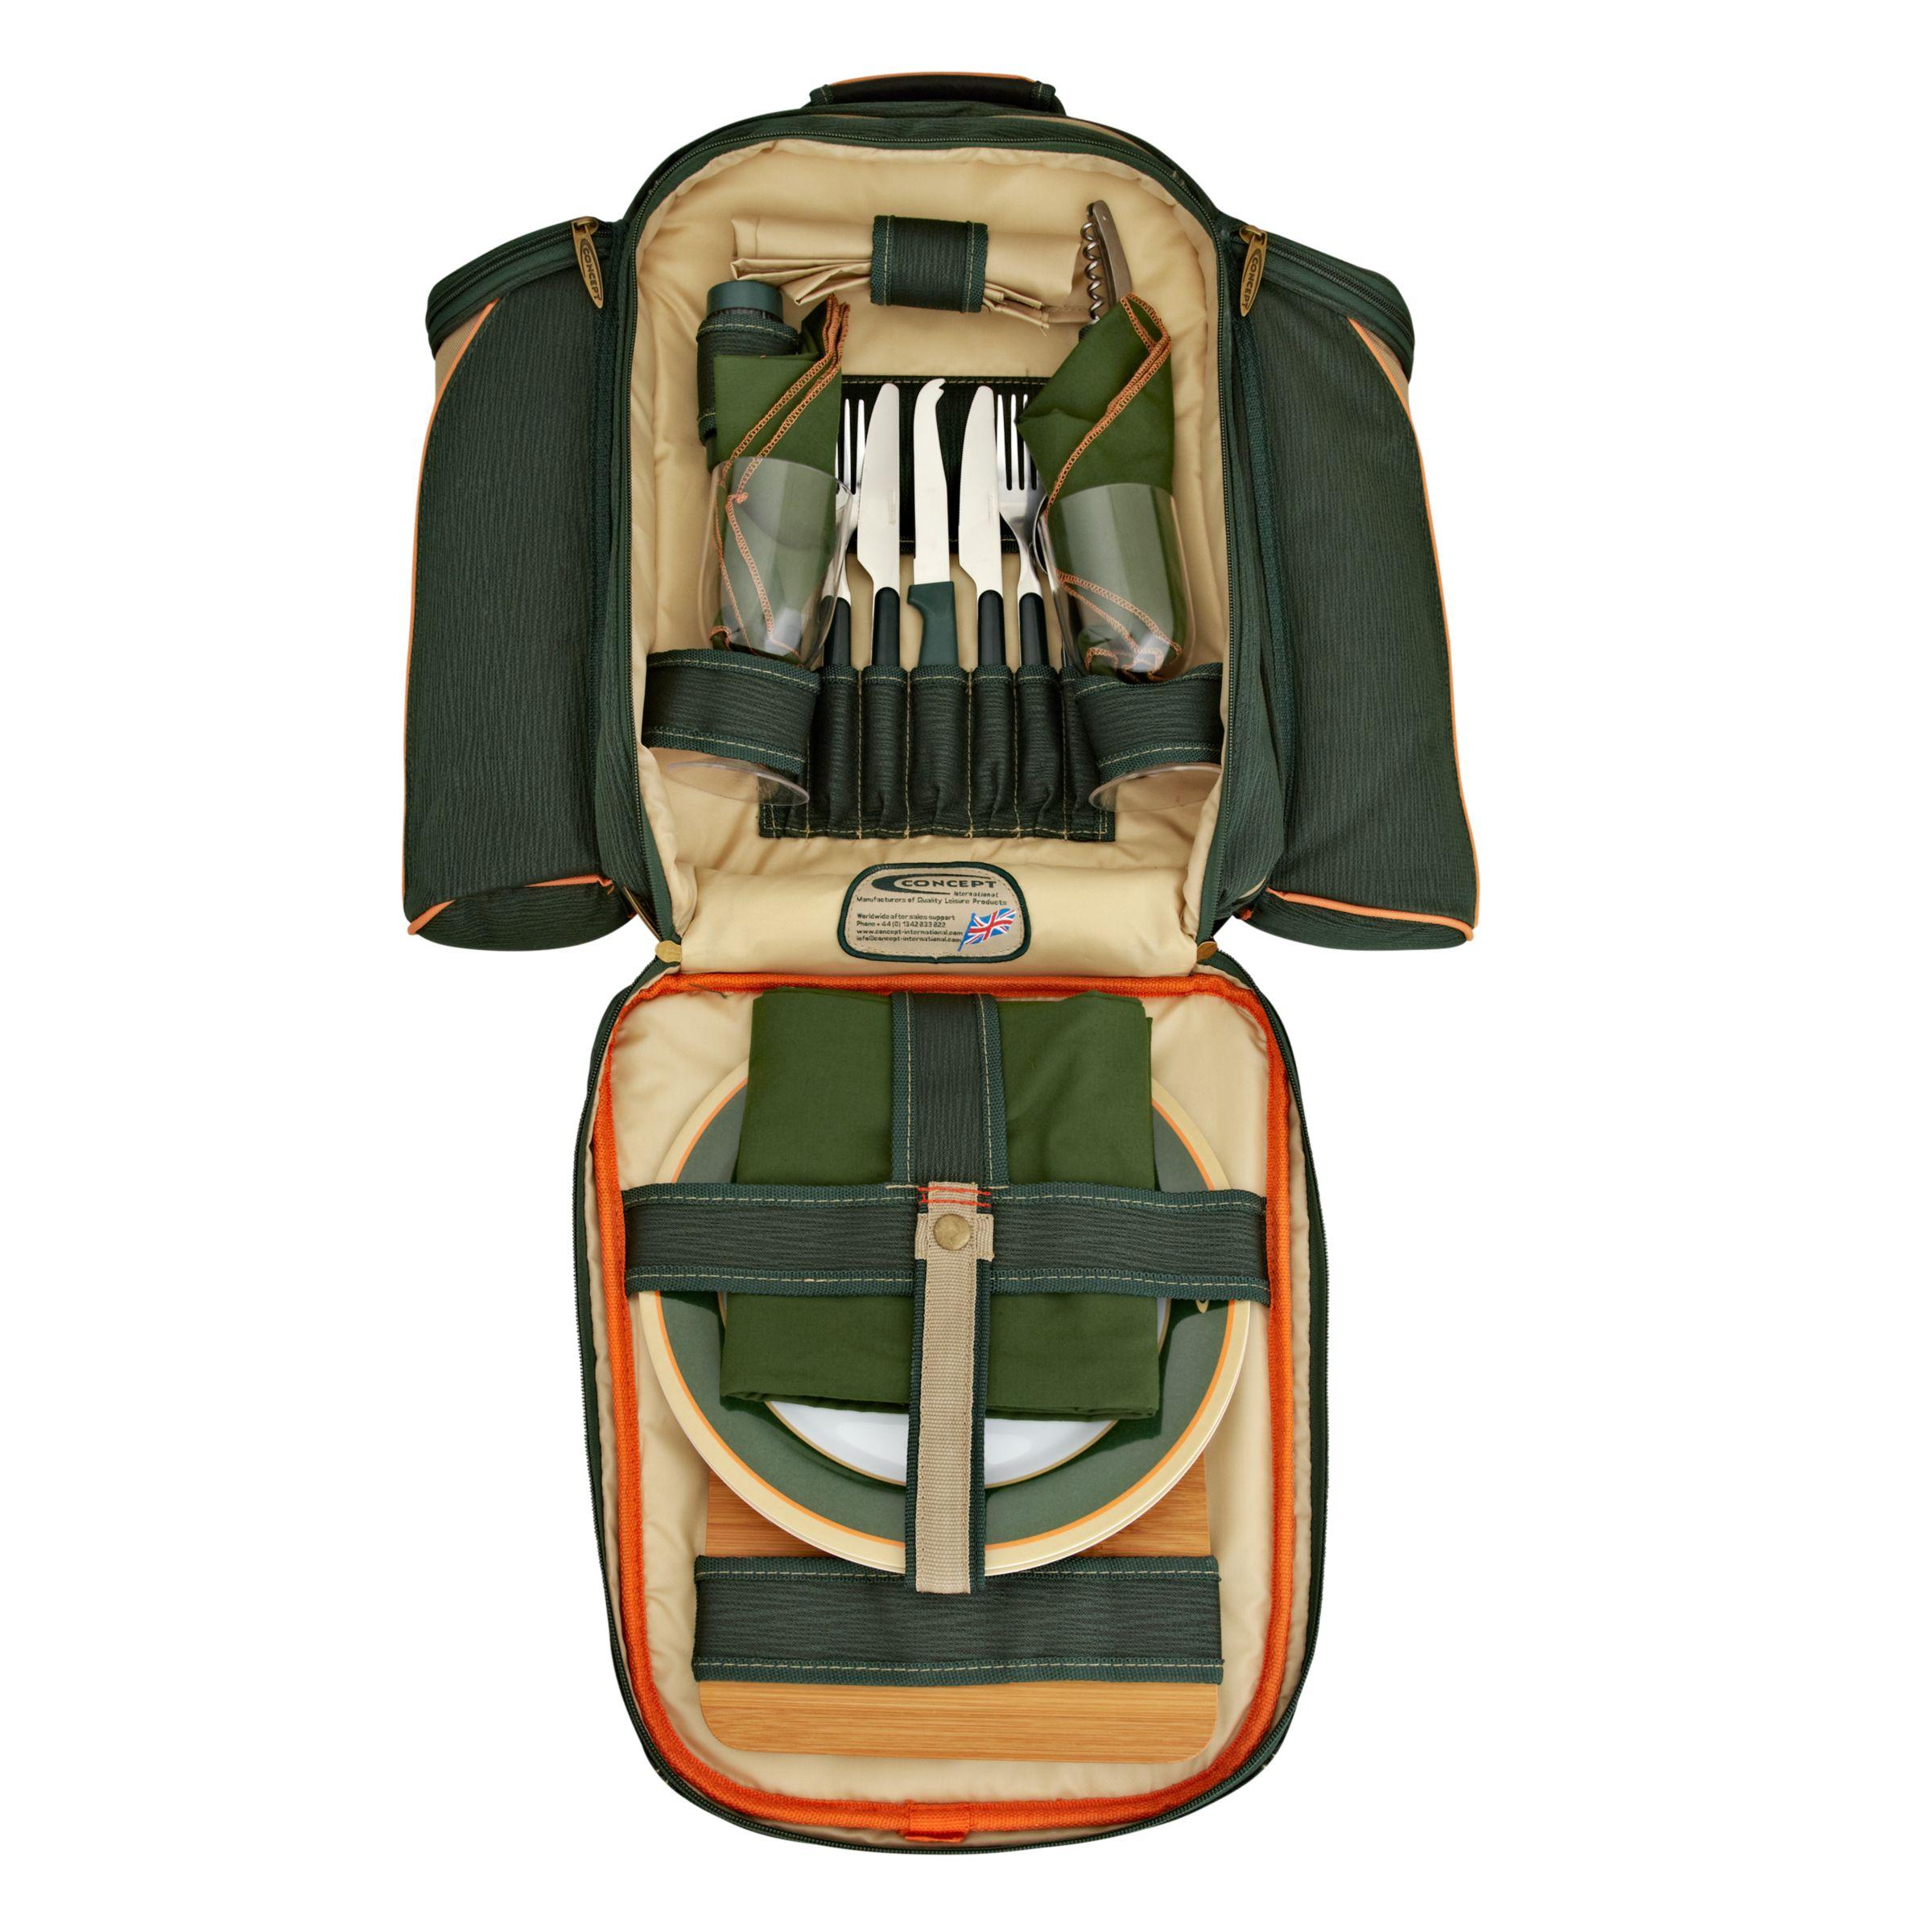 Riva Shoulder Bag Hamper